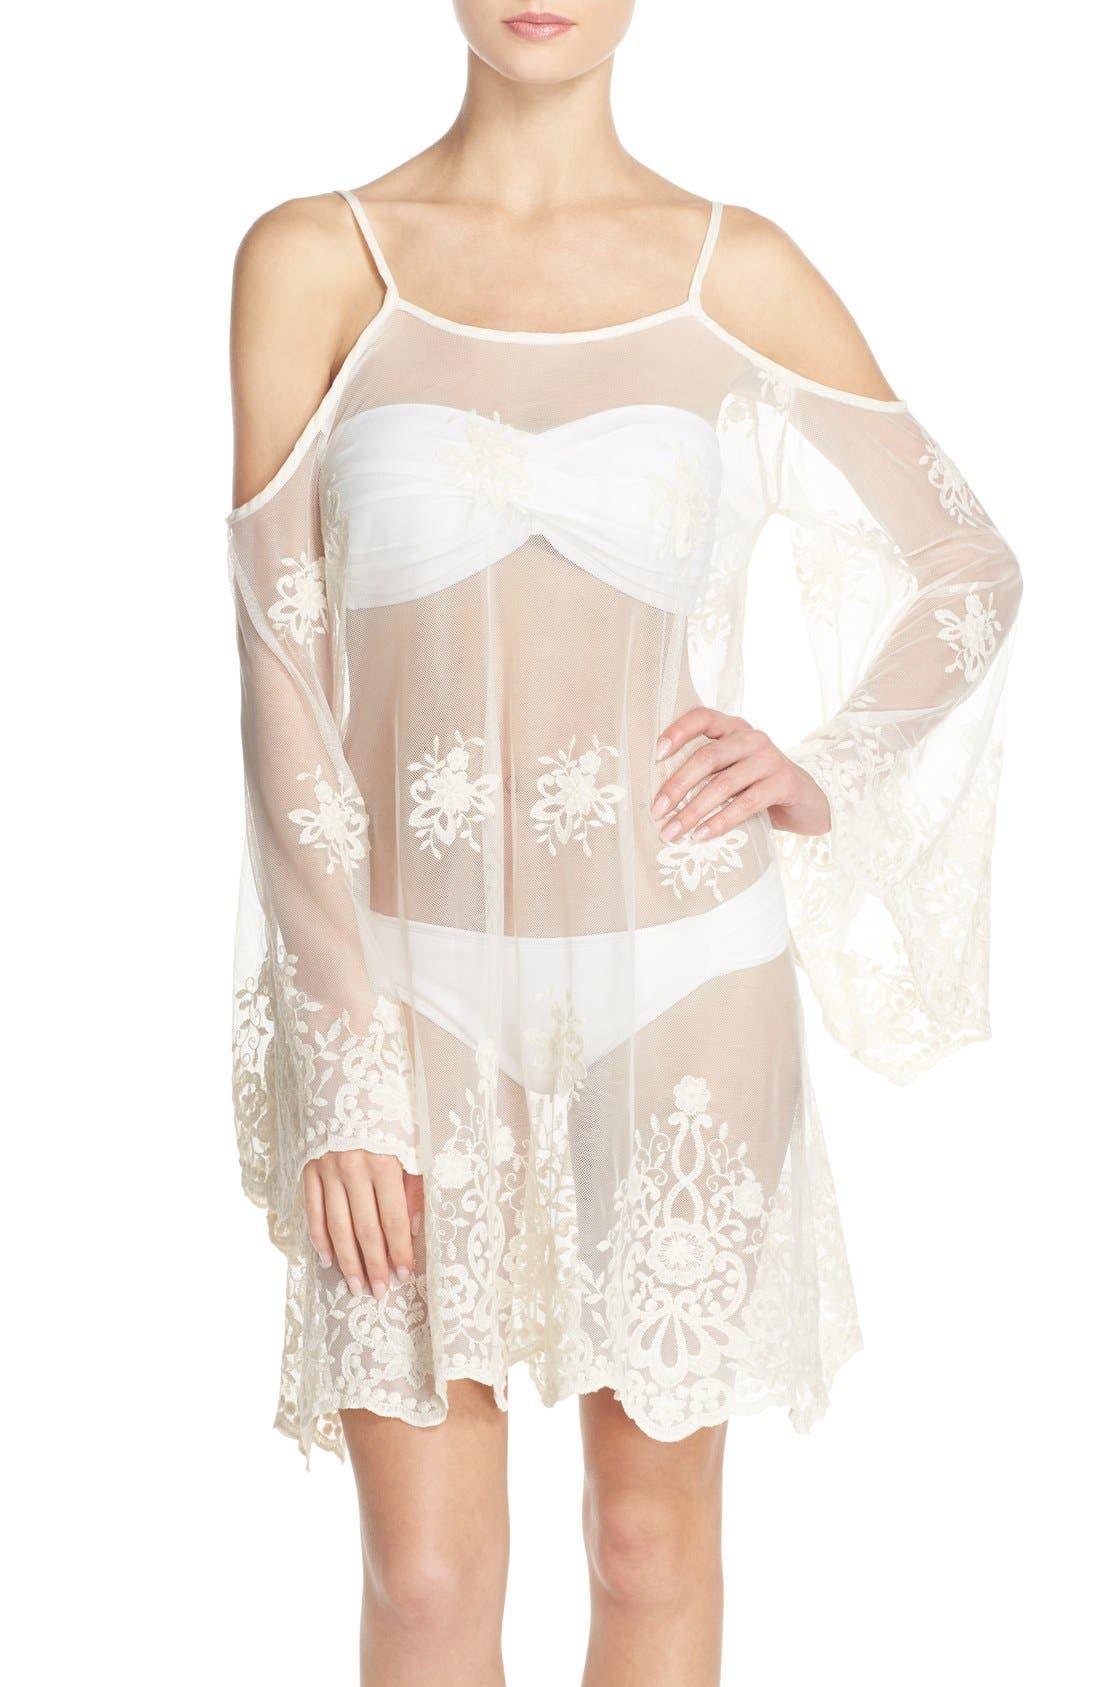 Alternate Image 1 Selected - Elan Lace Cover-Up Cold Shoulder Dress